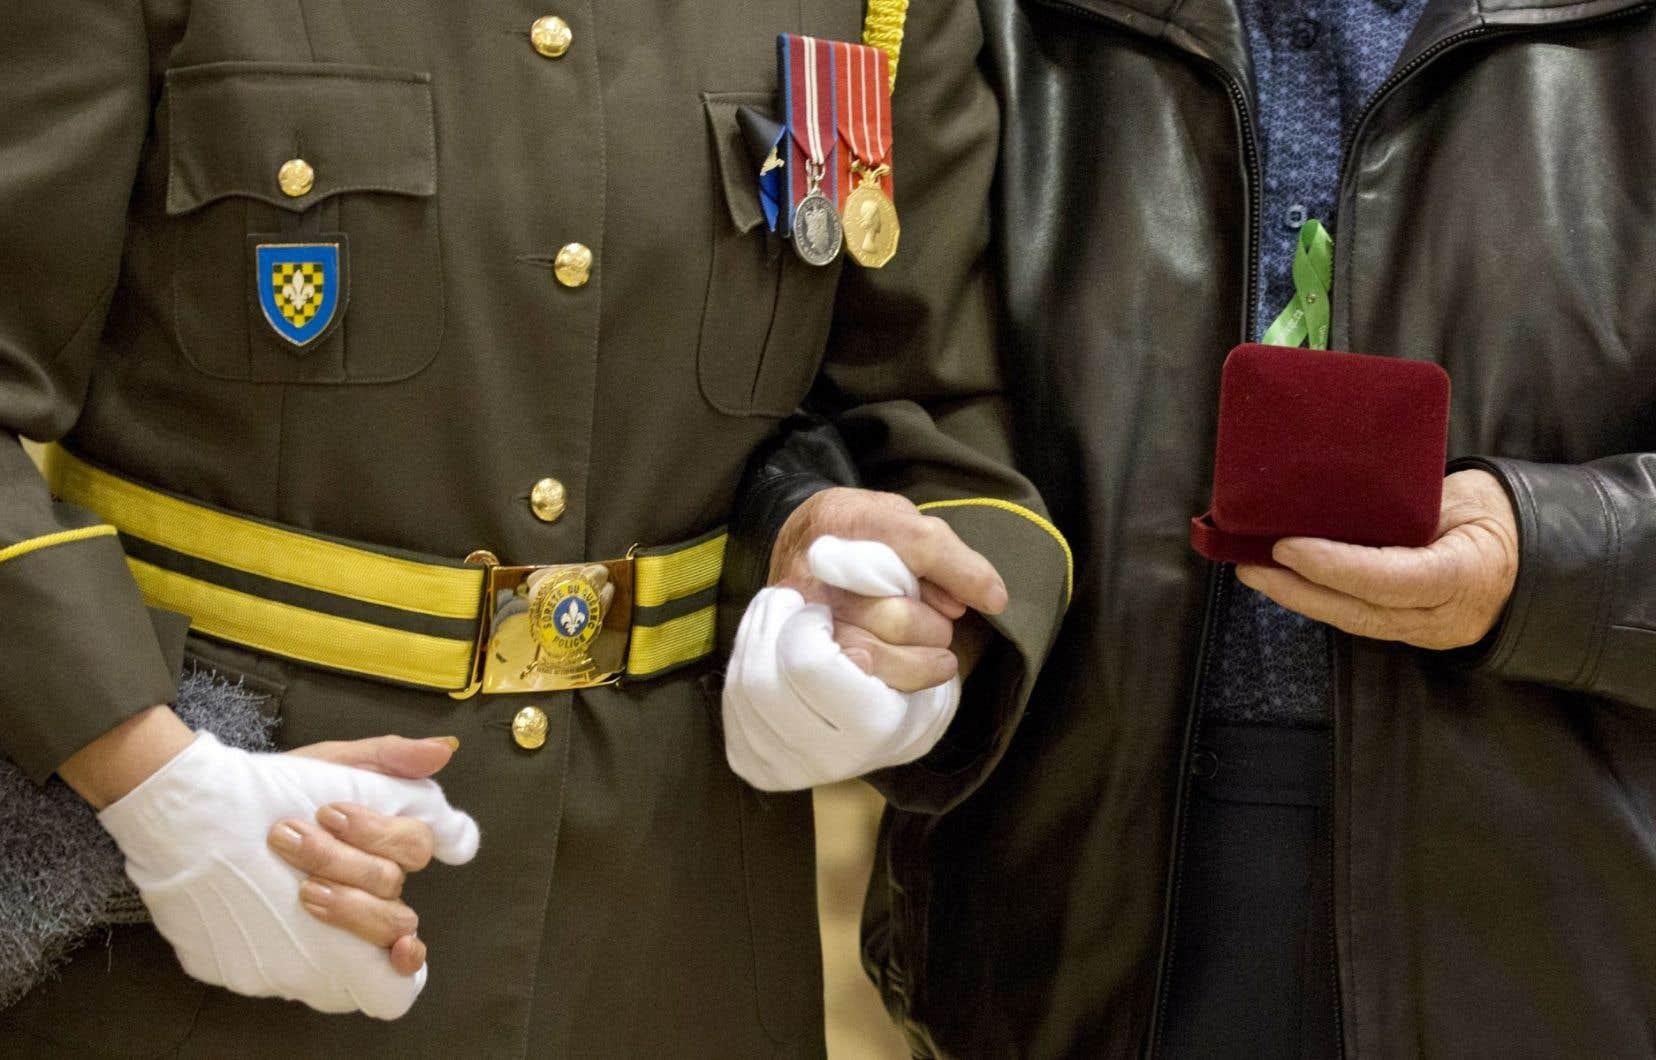 Les proches de donneurs serrent dans leur main la médaille reçue en mémoire de leurs proches, la protégeant comme un trésor précieux.